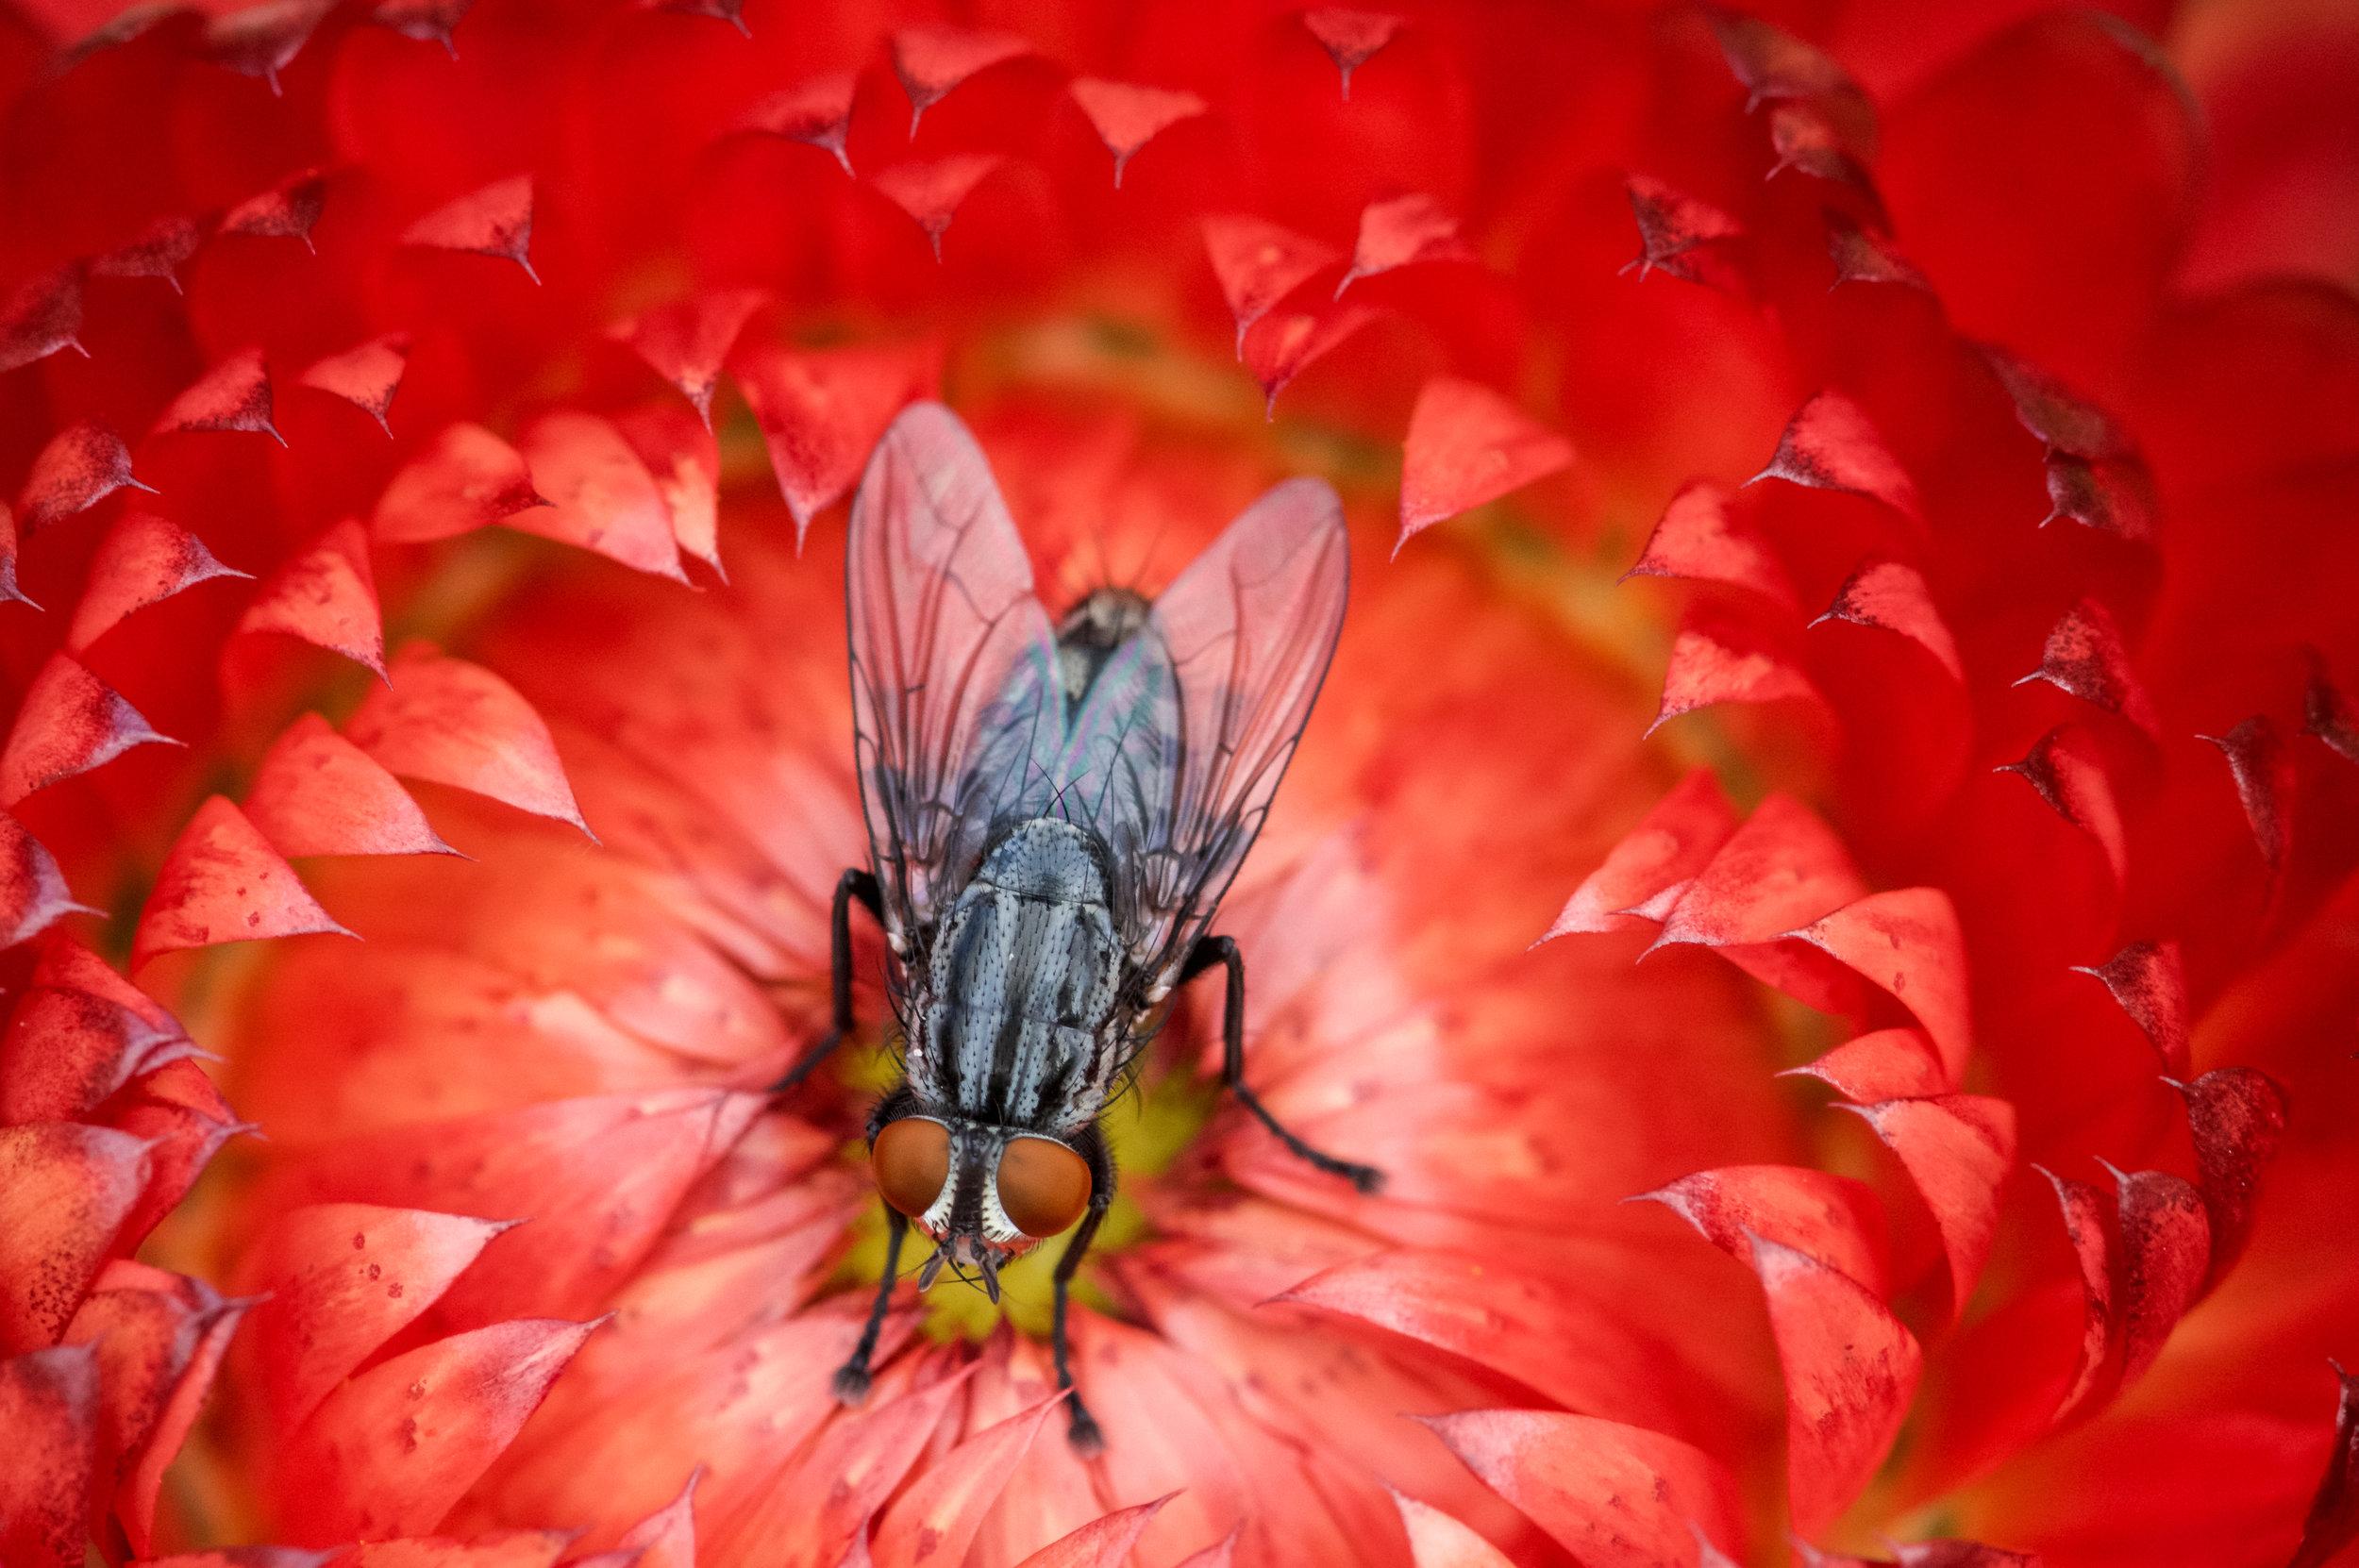 fly_on_flower.jpg